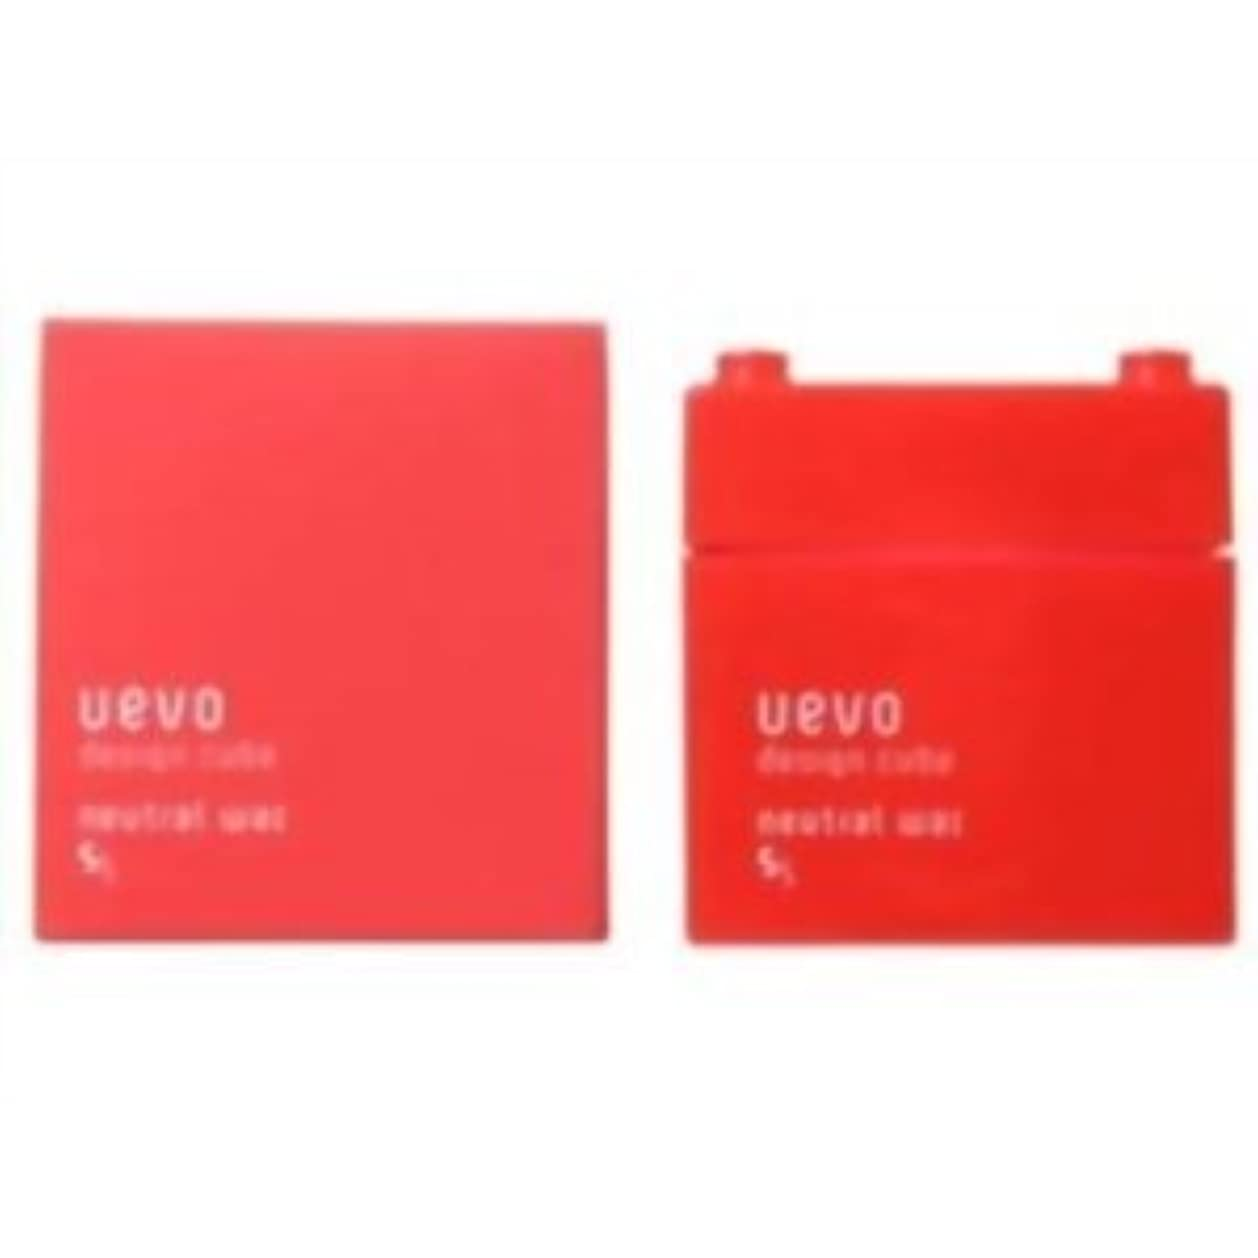 つぼみ本物の勧告【X2個セット】 デミ ウェーボ デザインキューブ ニュートラルワックス 80g neutral wax DEMI uevo design cube